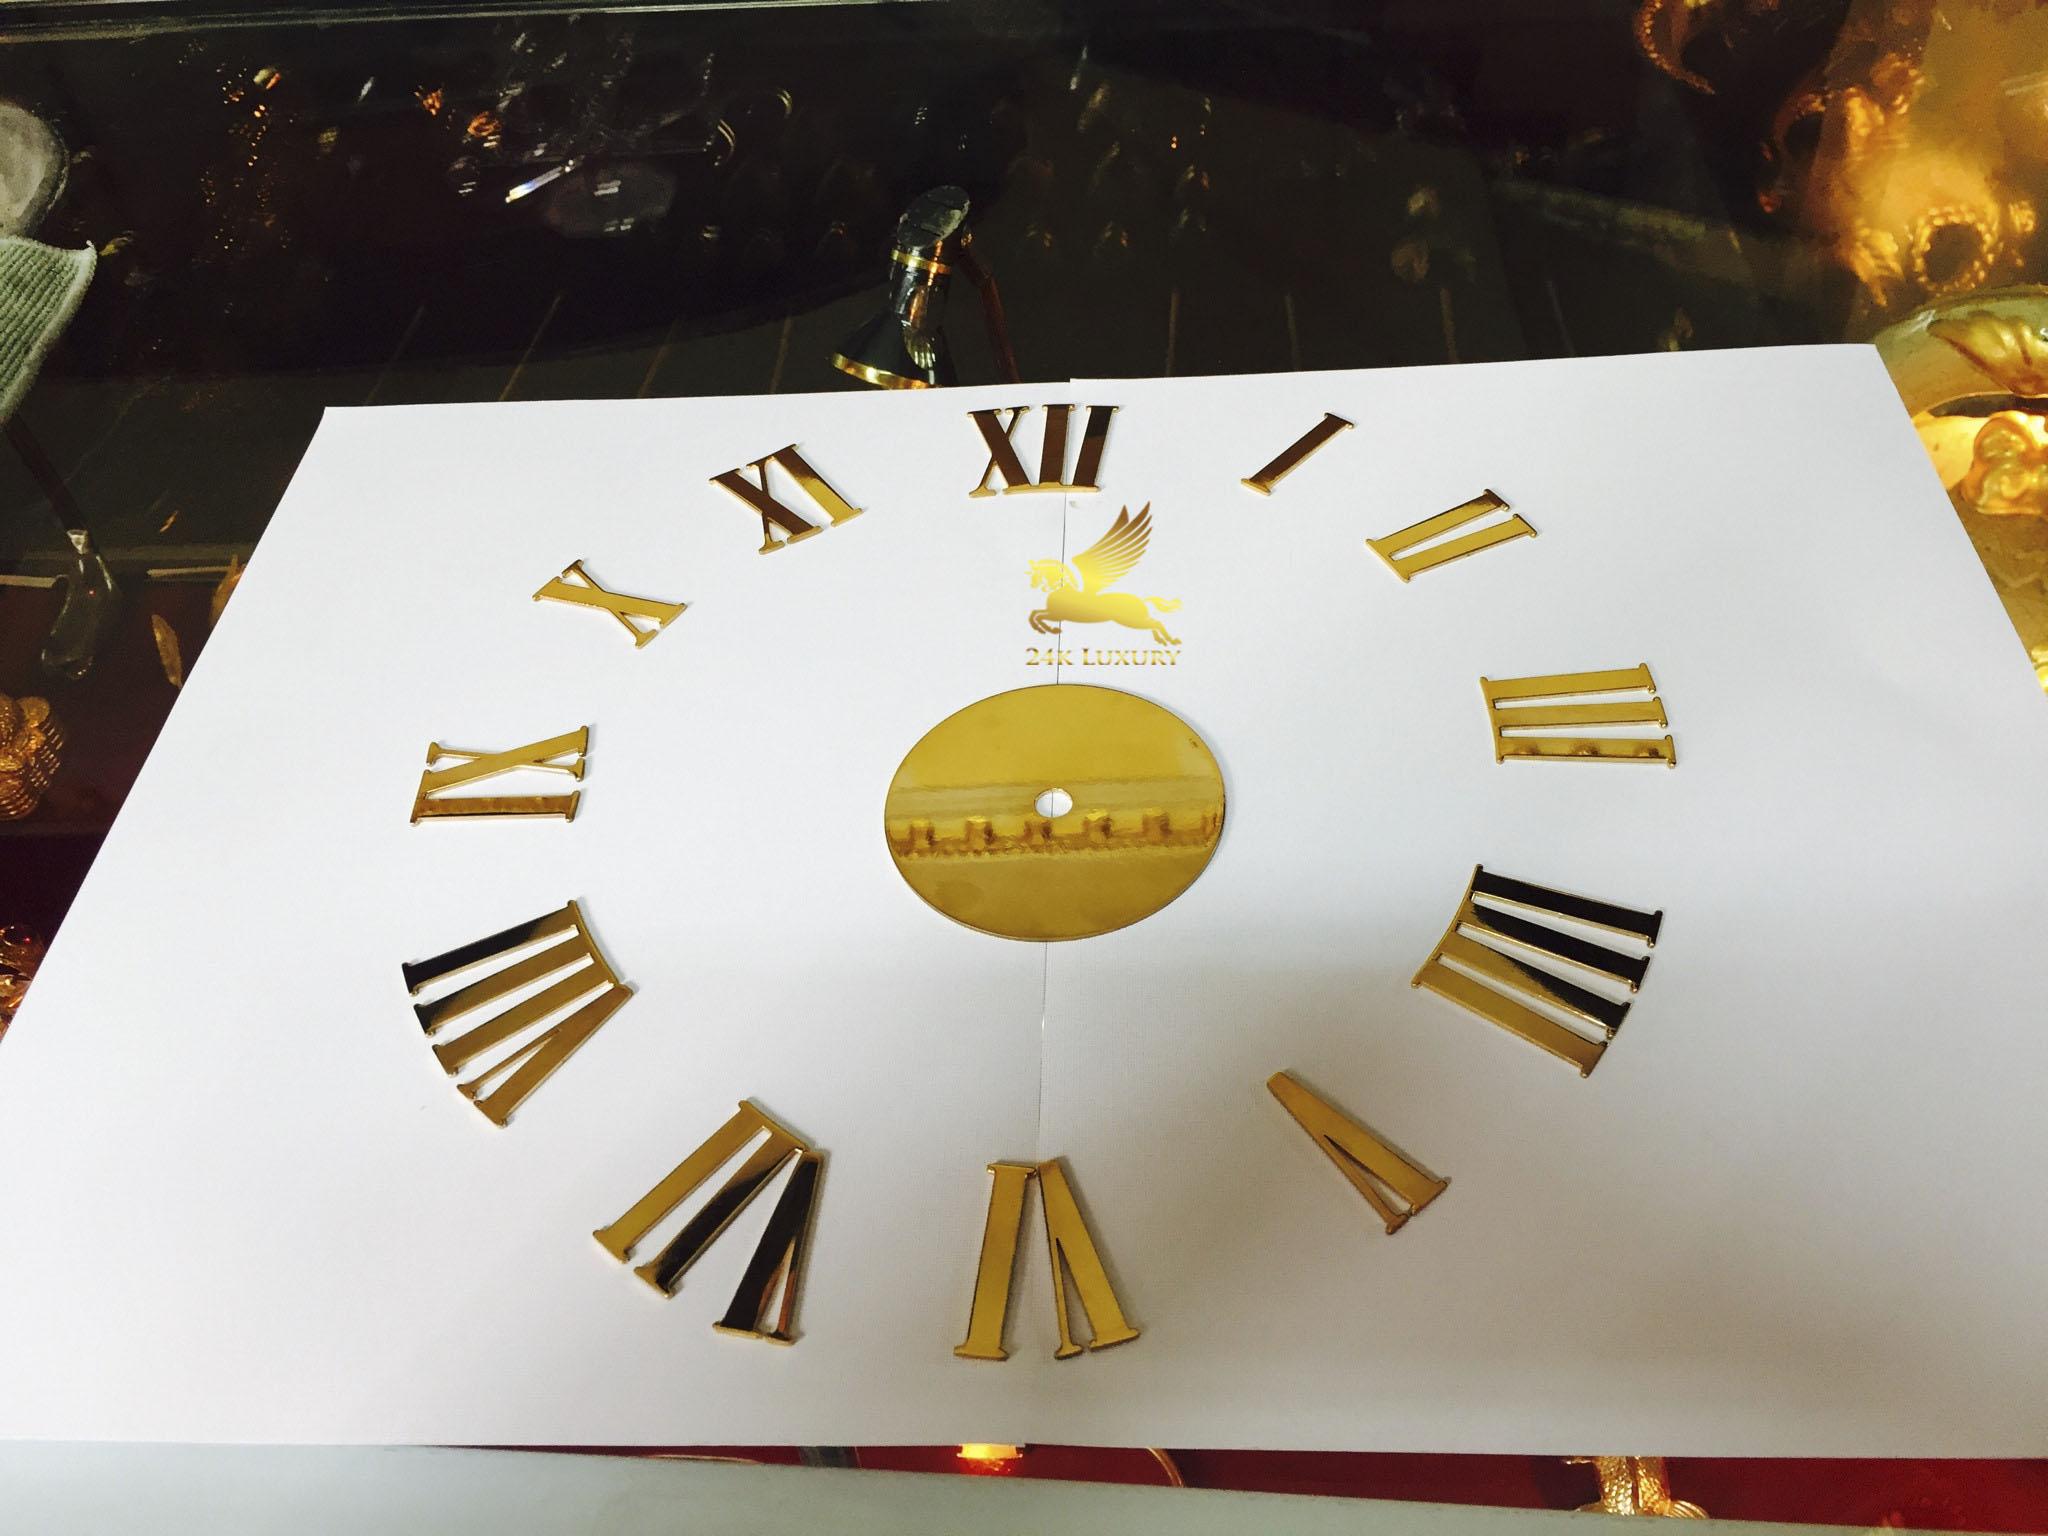 Đồng hồ được mạ vàng dựa trên công nghệ mạ vàng tiên tiến hiện đại nhất tại Vina Gold Art.